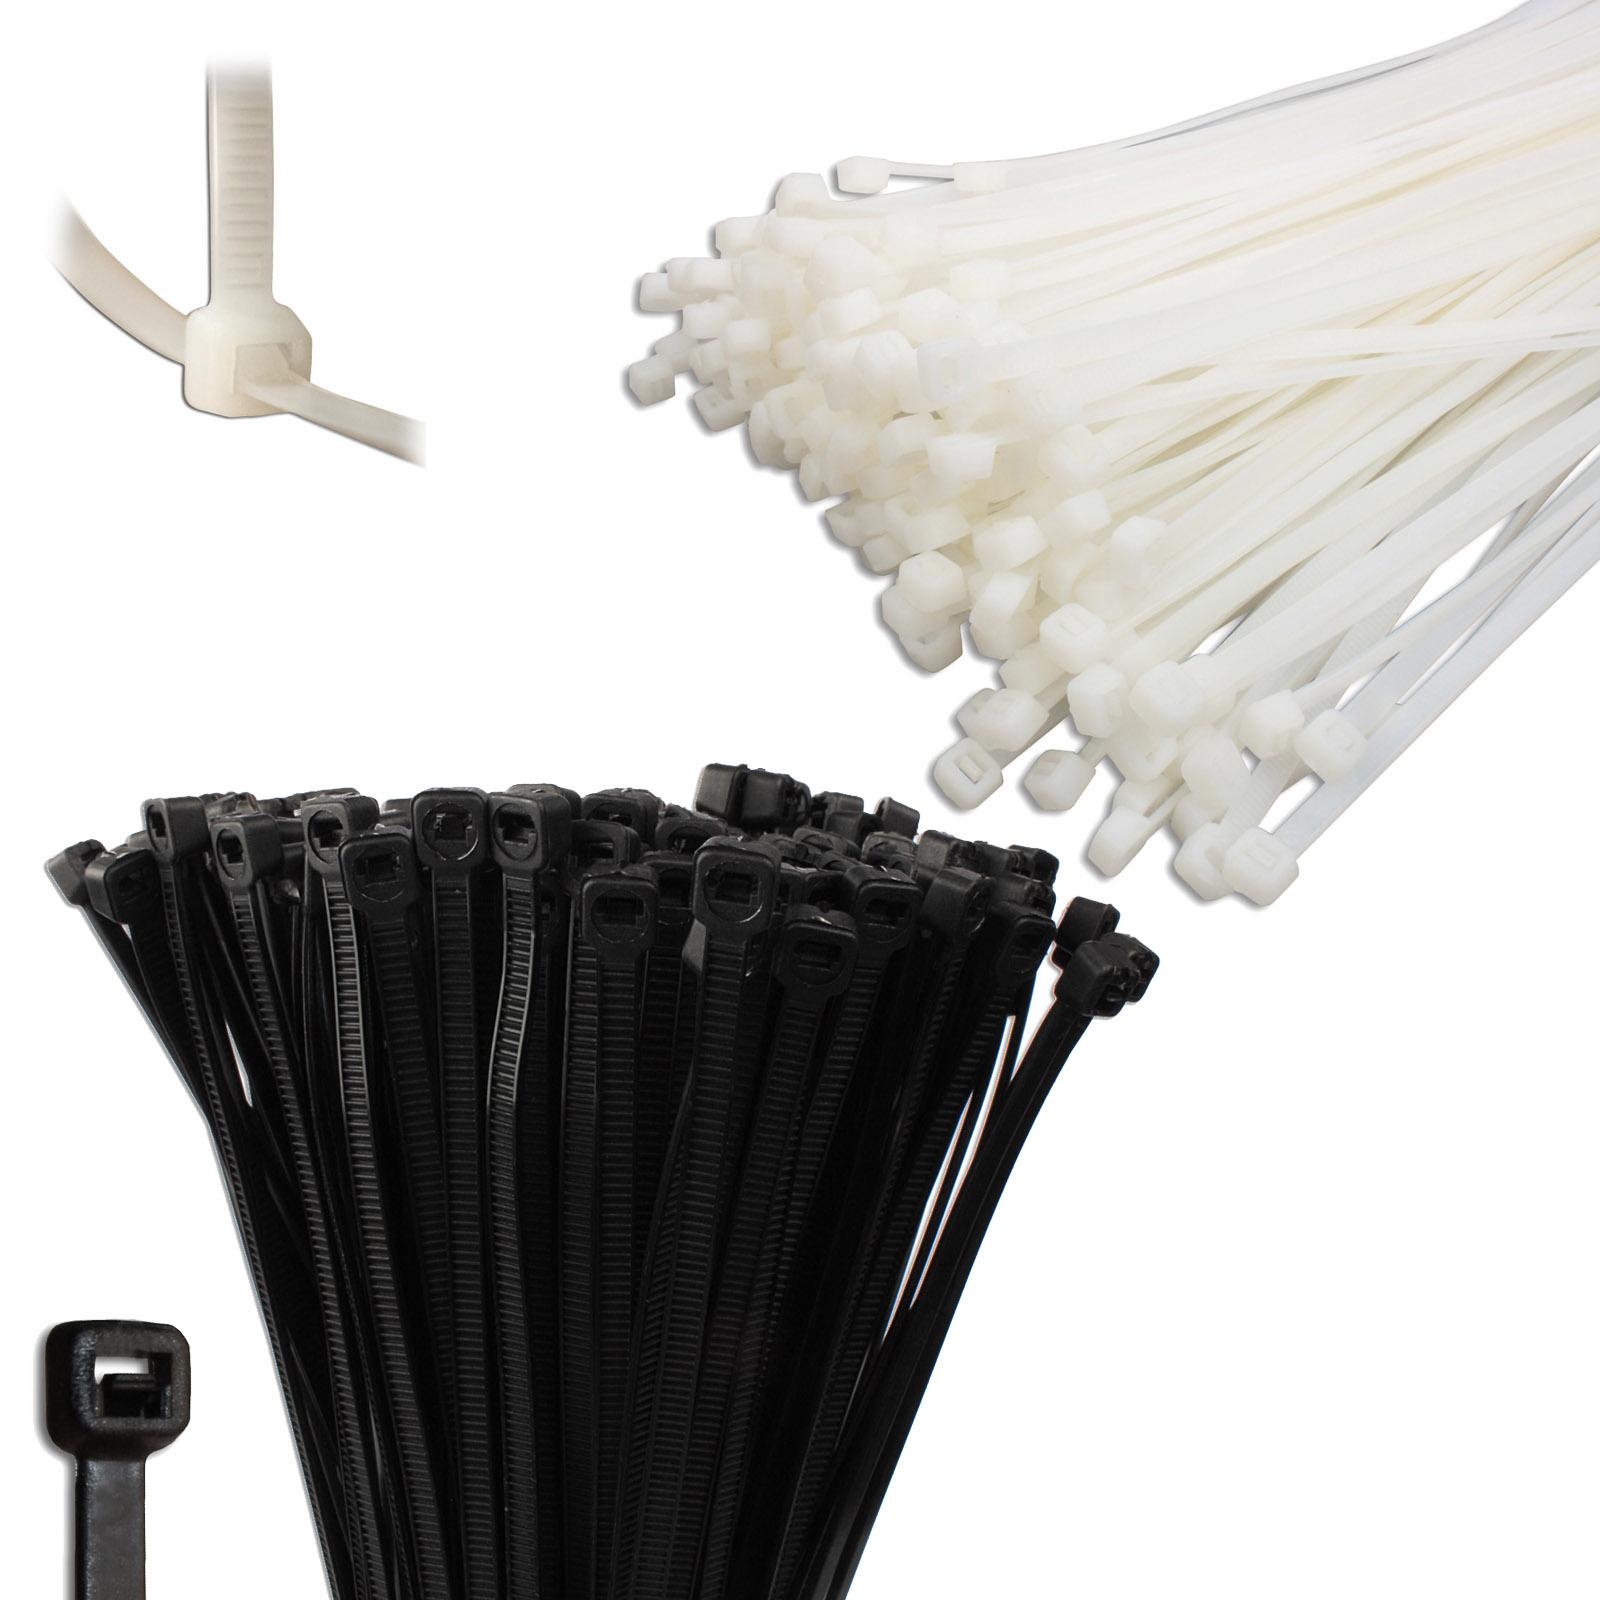 kabelbinder uv best ndig industrie kabelband schwarz wei natur viele gr en ebay. Black Bedroom Furniture Sets. Home Design Ideas